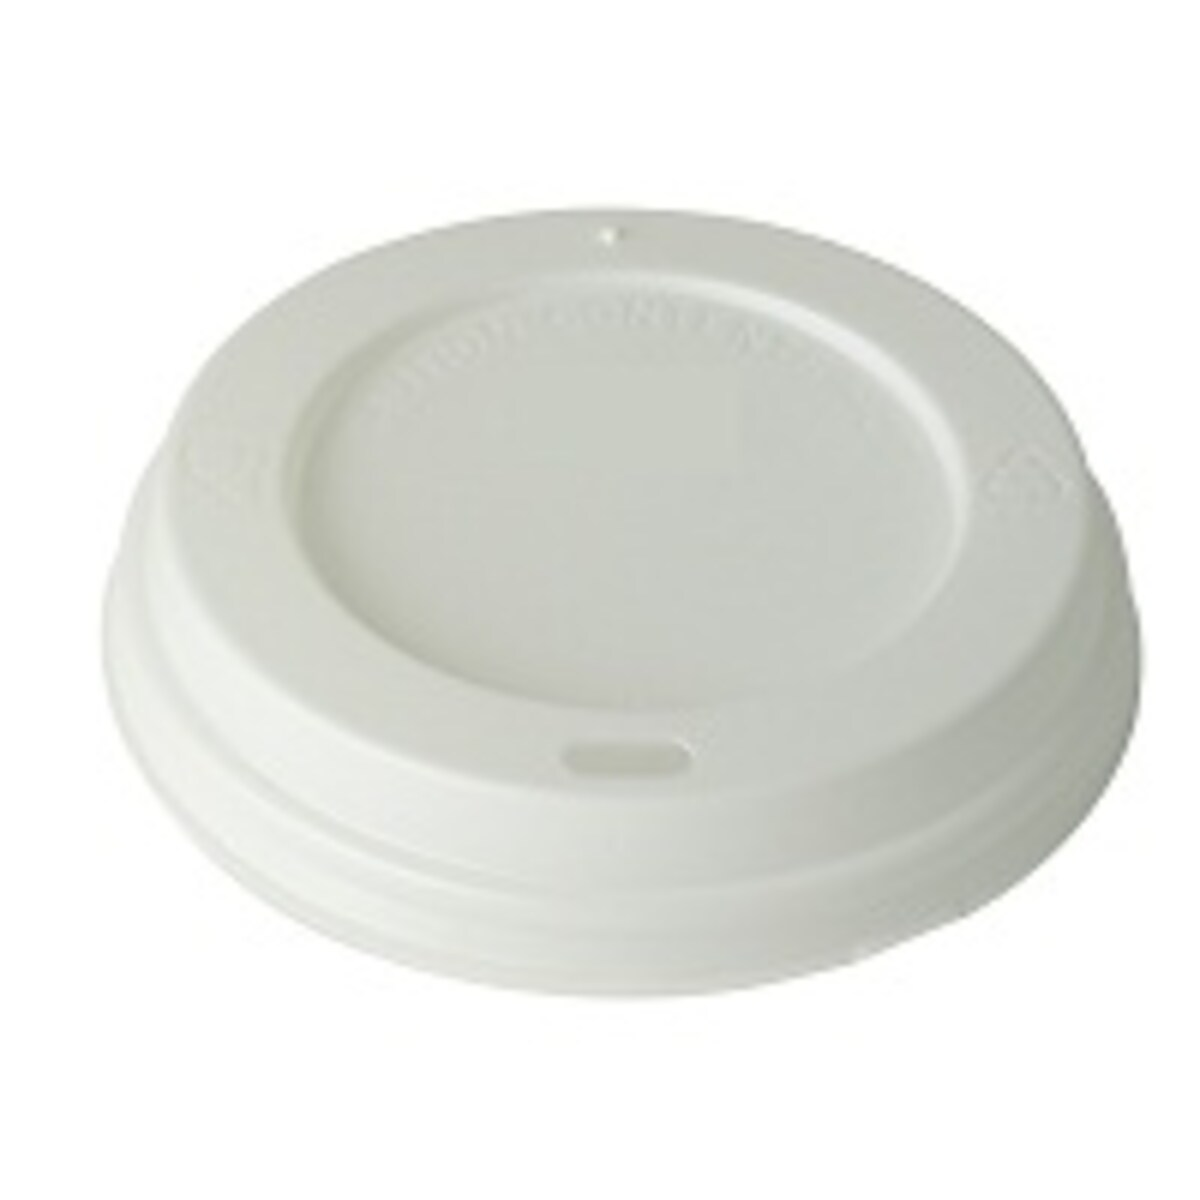 Капачки за картонени чаши за Тчибо чаши 200мл